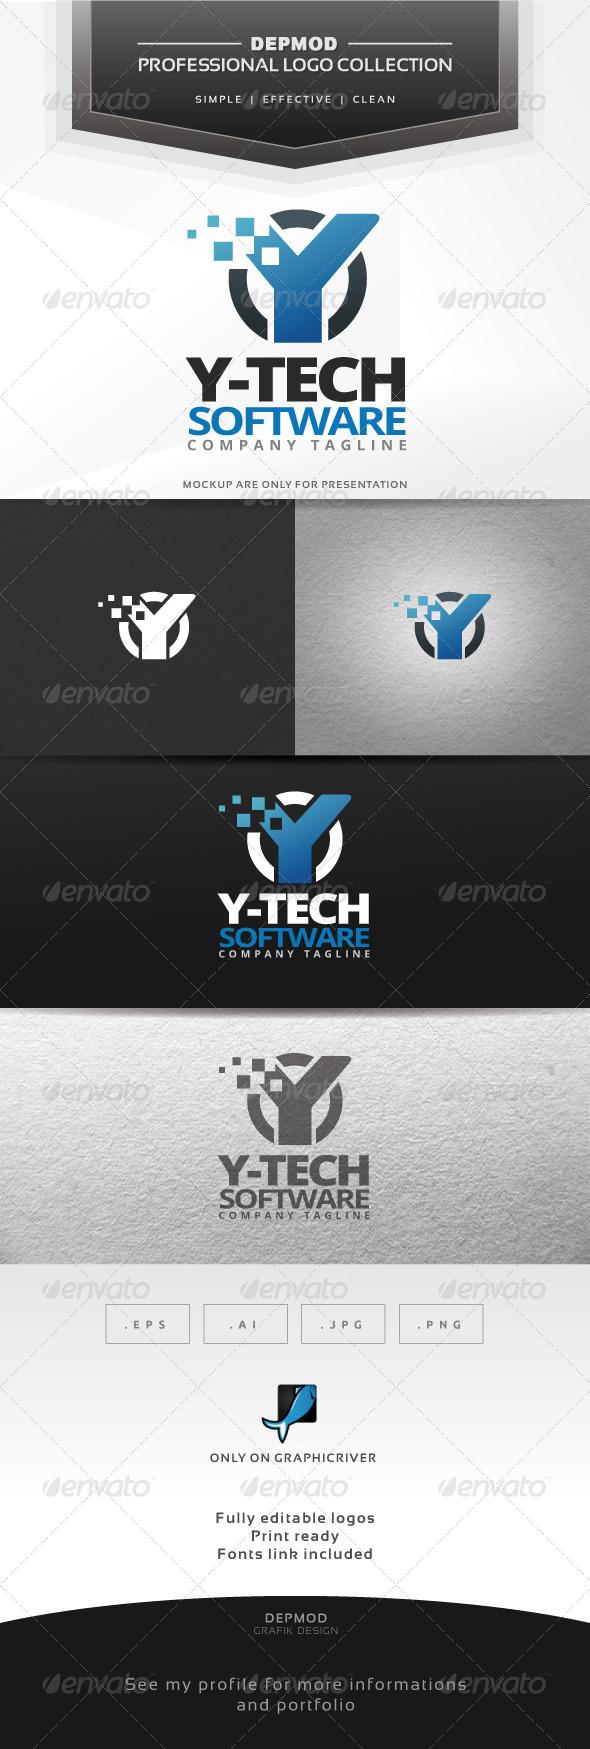 y-tech